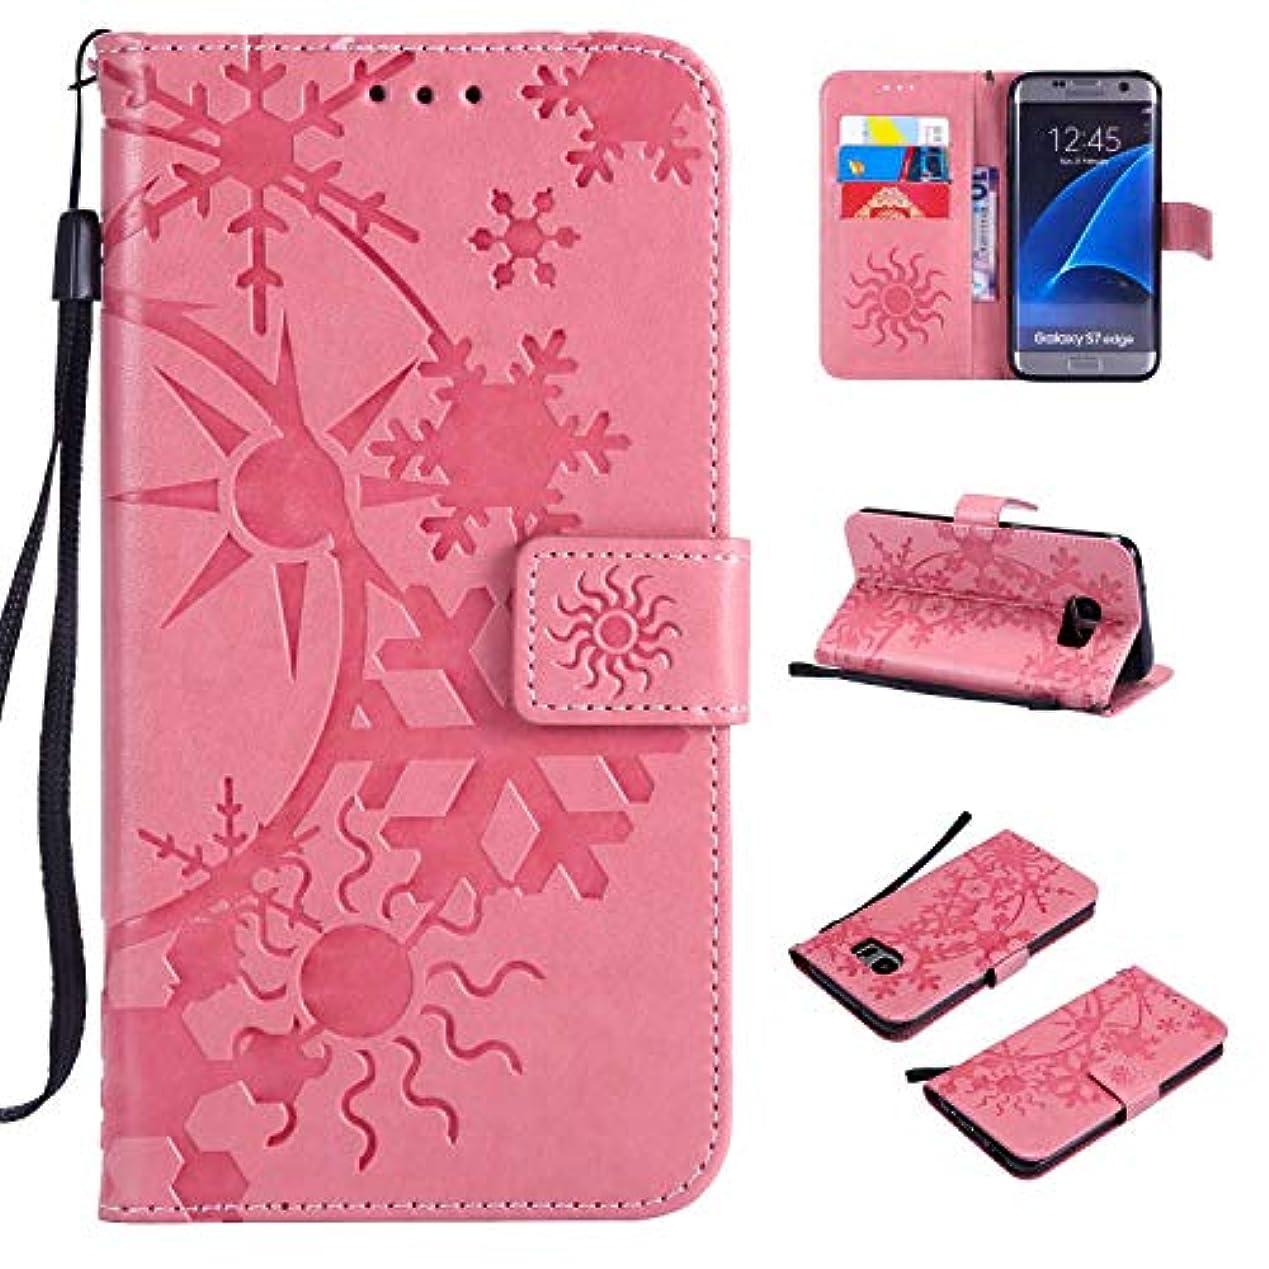 レガシー期待してショッピングセンターGalaxy S7 Edge ケース CUSKING 手帳型 ケース ストラップ付き かわいい 財布 カバー カードポケット付き Samsung ギャラクシー S7 Edge マジックアレイ ケース - ピンク